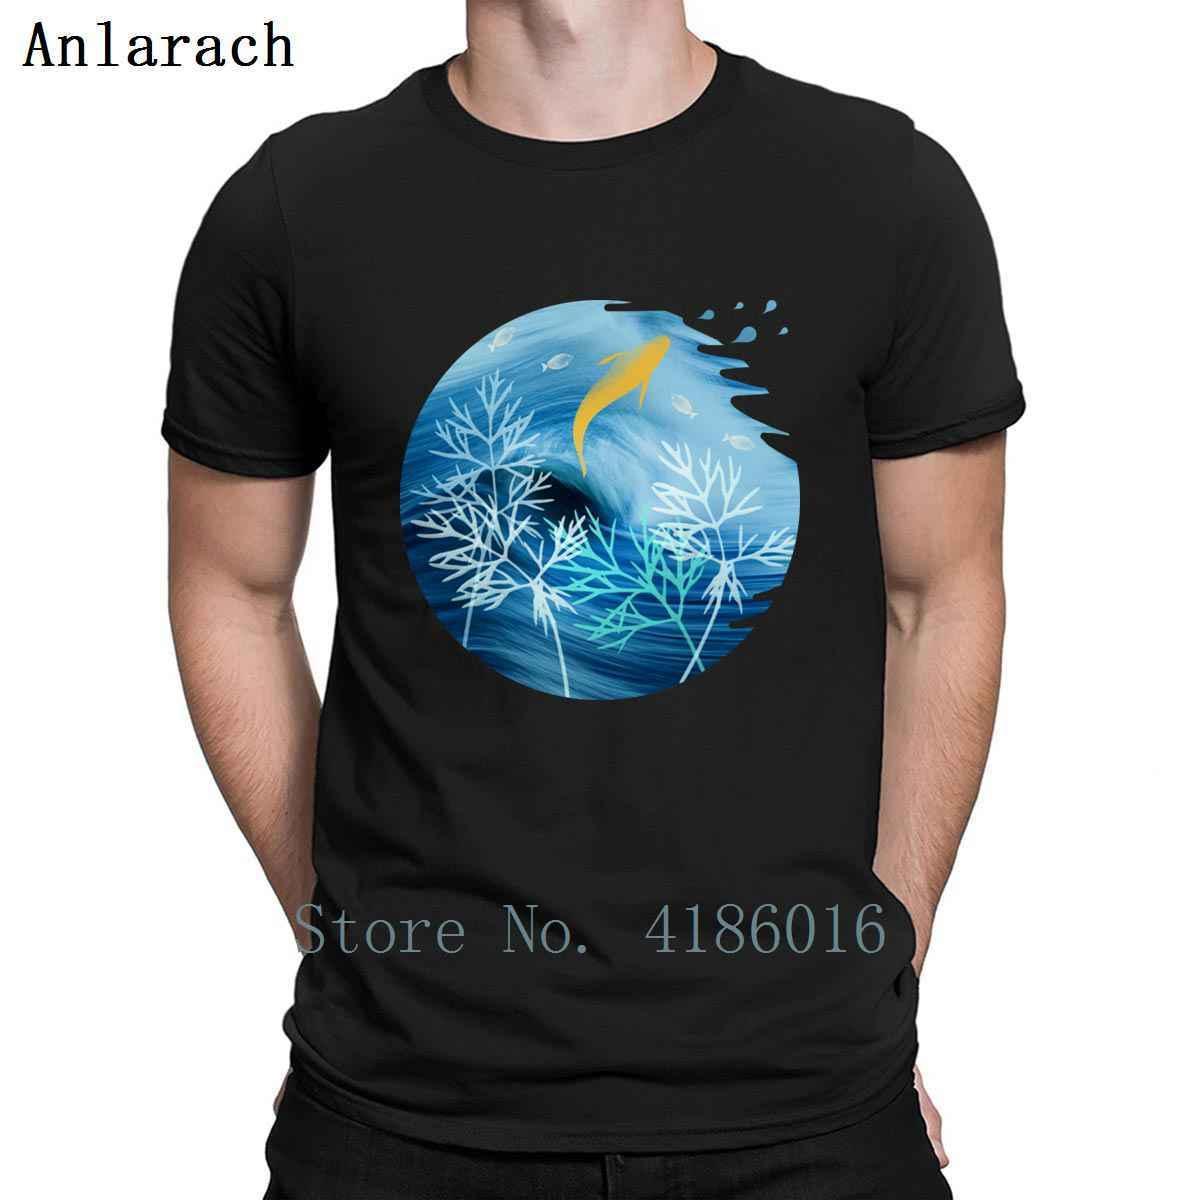 Mer planète avec les poissons t-shirt cool de mode S-5XL personnalisé coton printemps normal graphique shirt